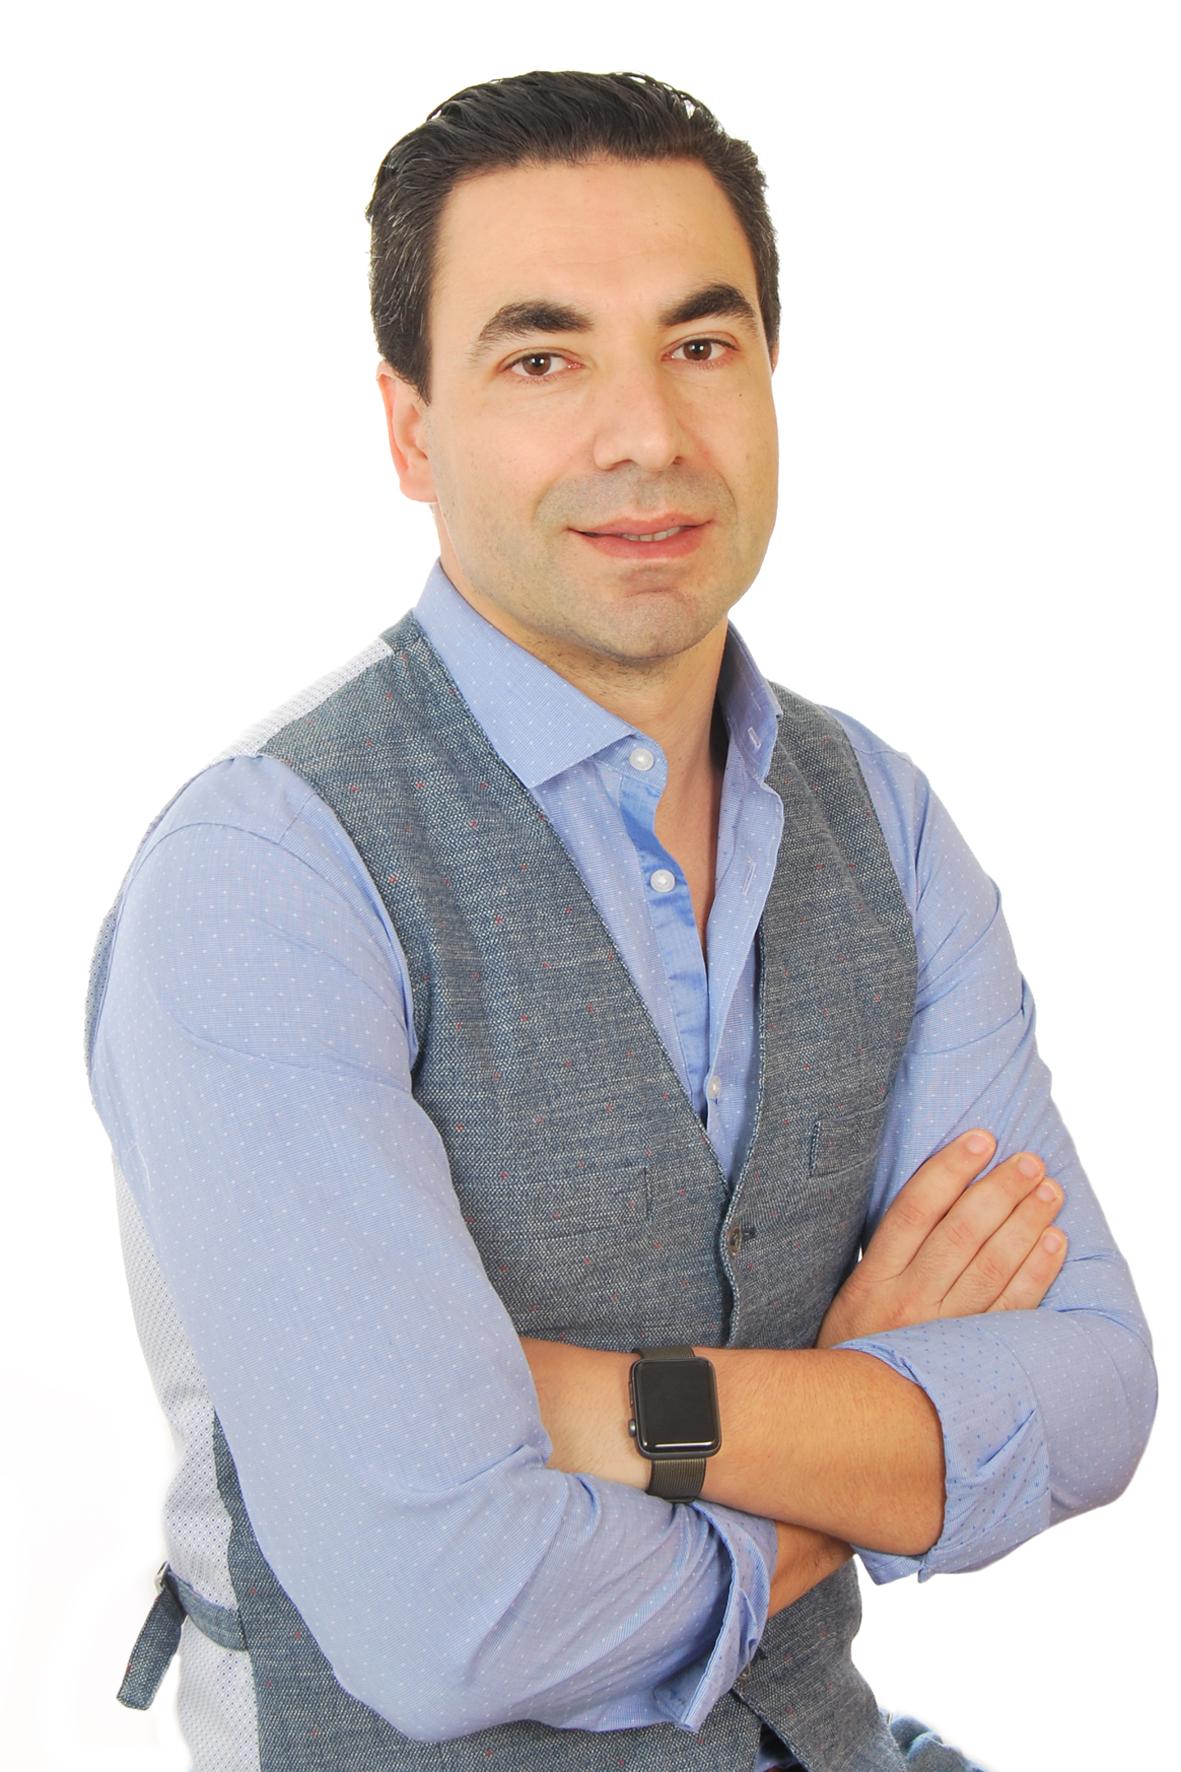 Colunista Paul Ferreira